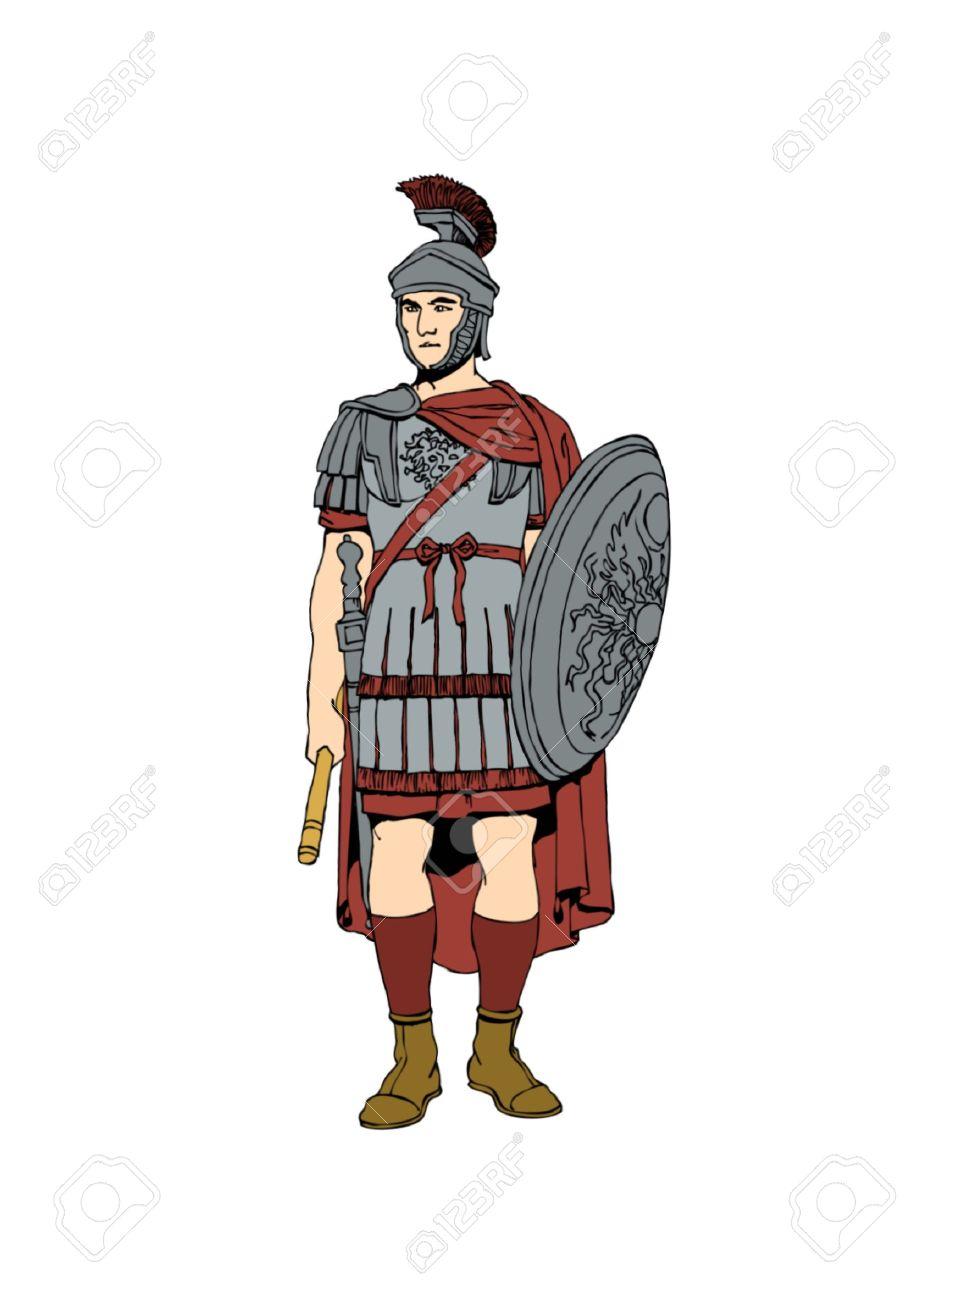 鎧で第 1 世紀ローマの兵士。 ロ...